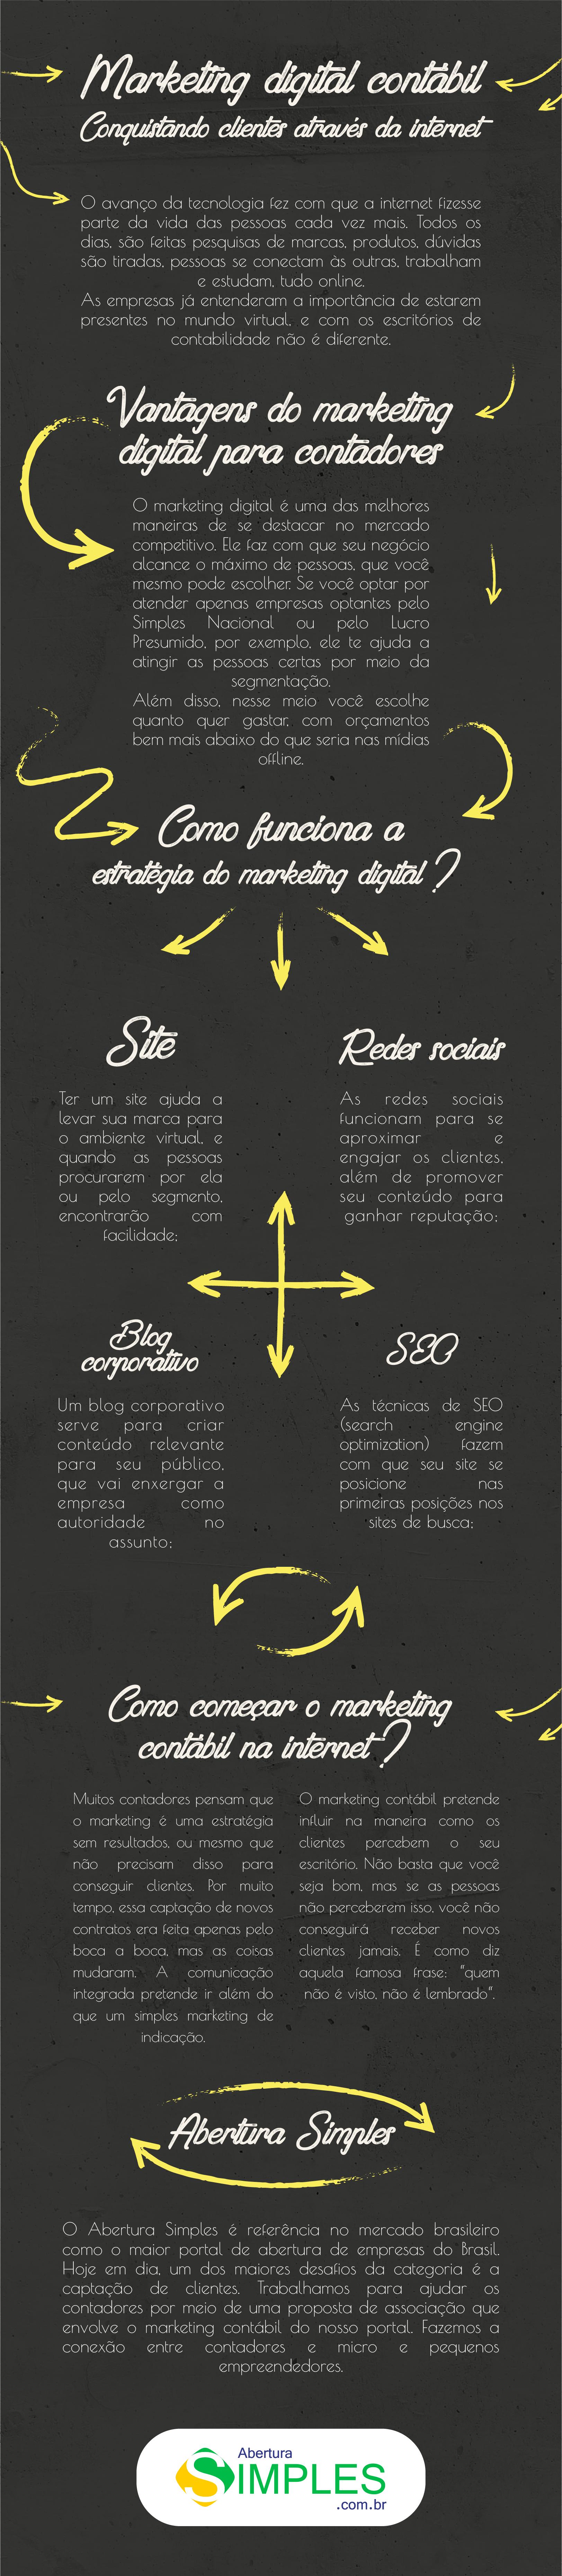 Infográfico que mostra porque o marketing digital contábil é importante